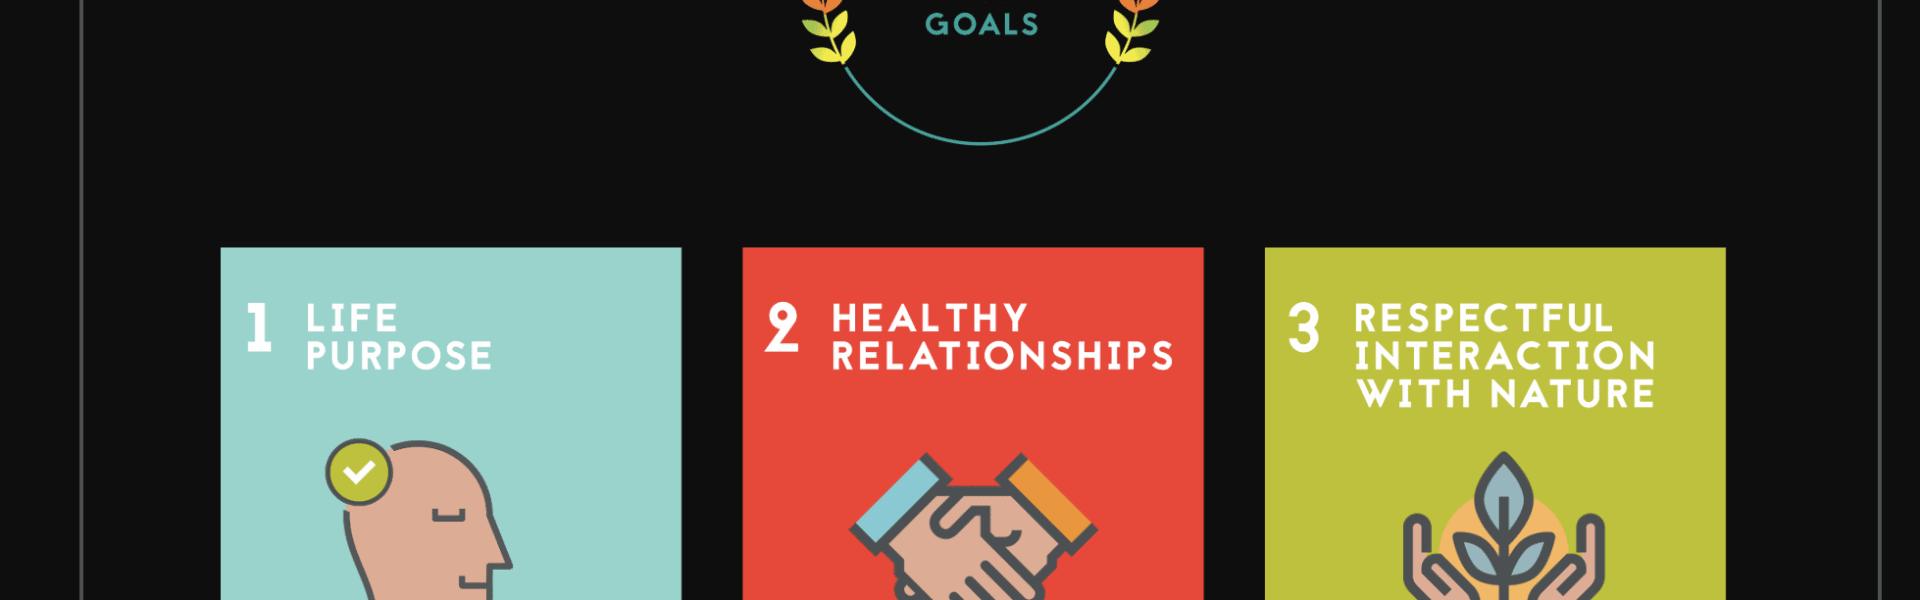 human development goals